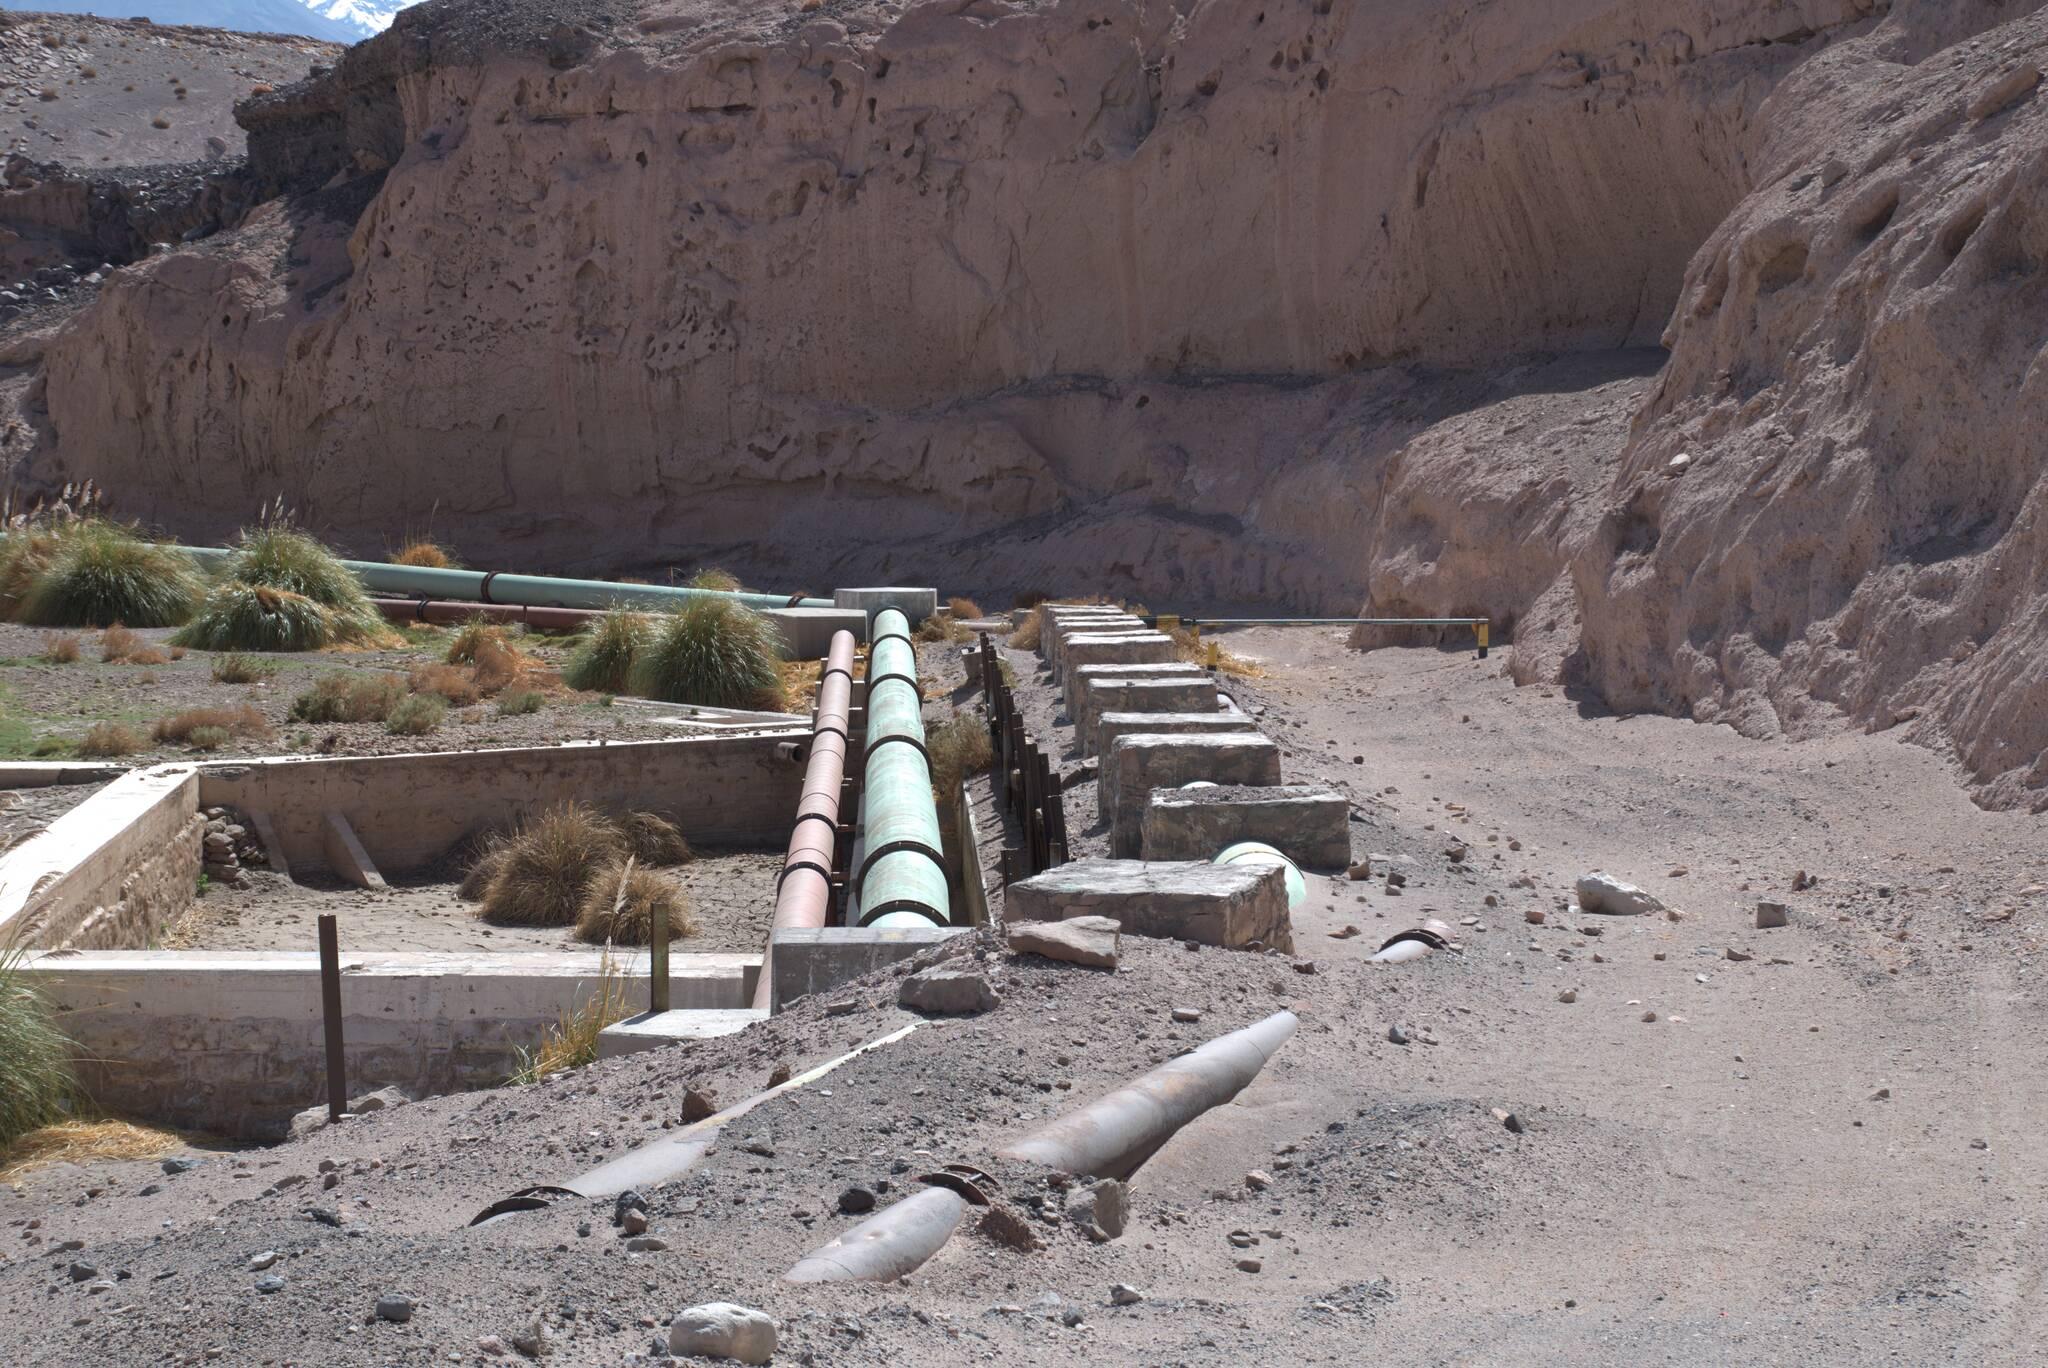 Wszędzie są rury, transportujące przemysłową wodę do kopalni